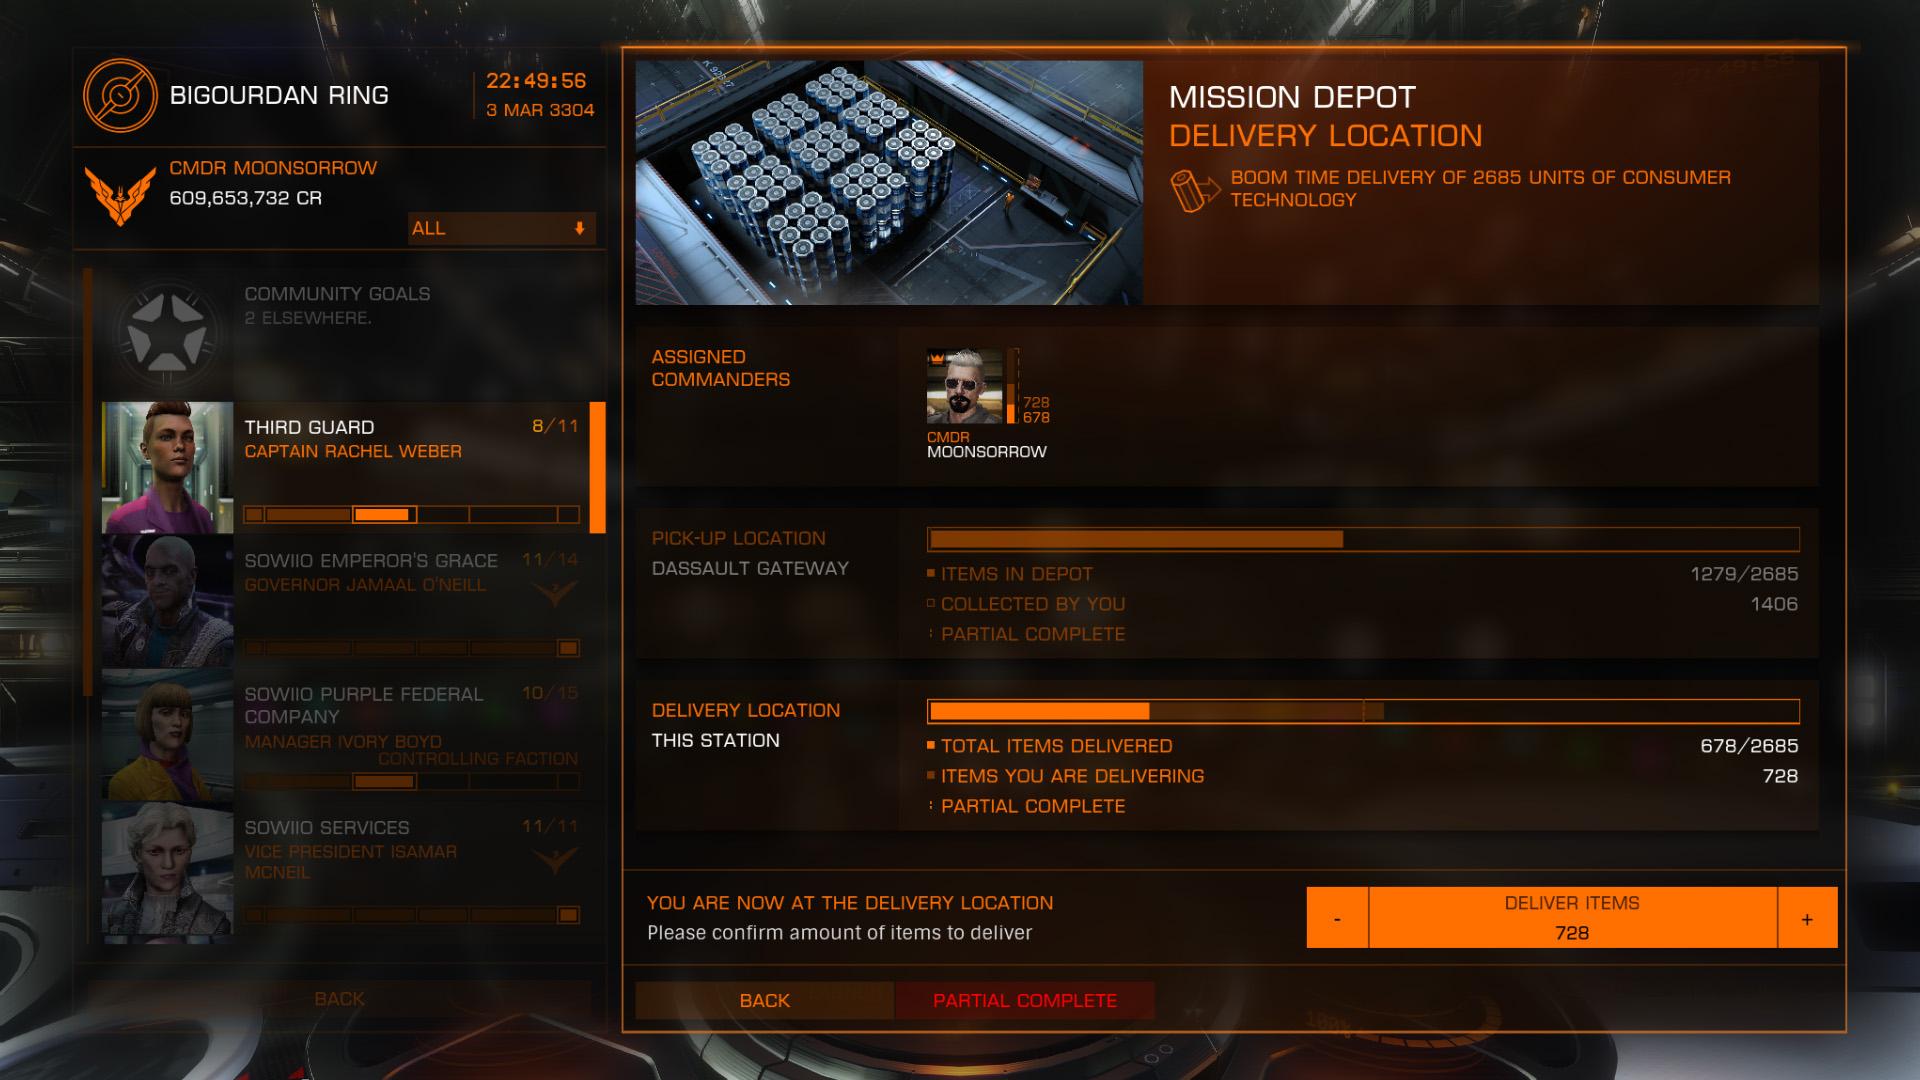 wing mission depot delivering